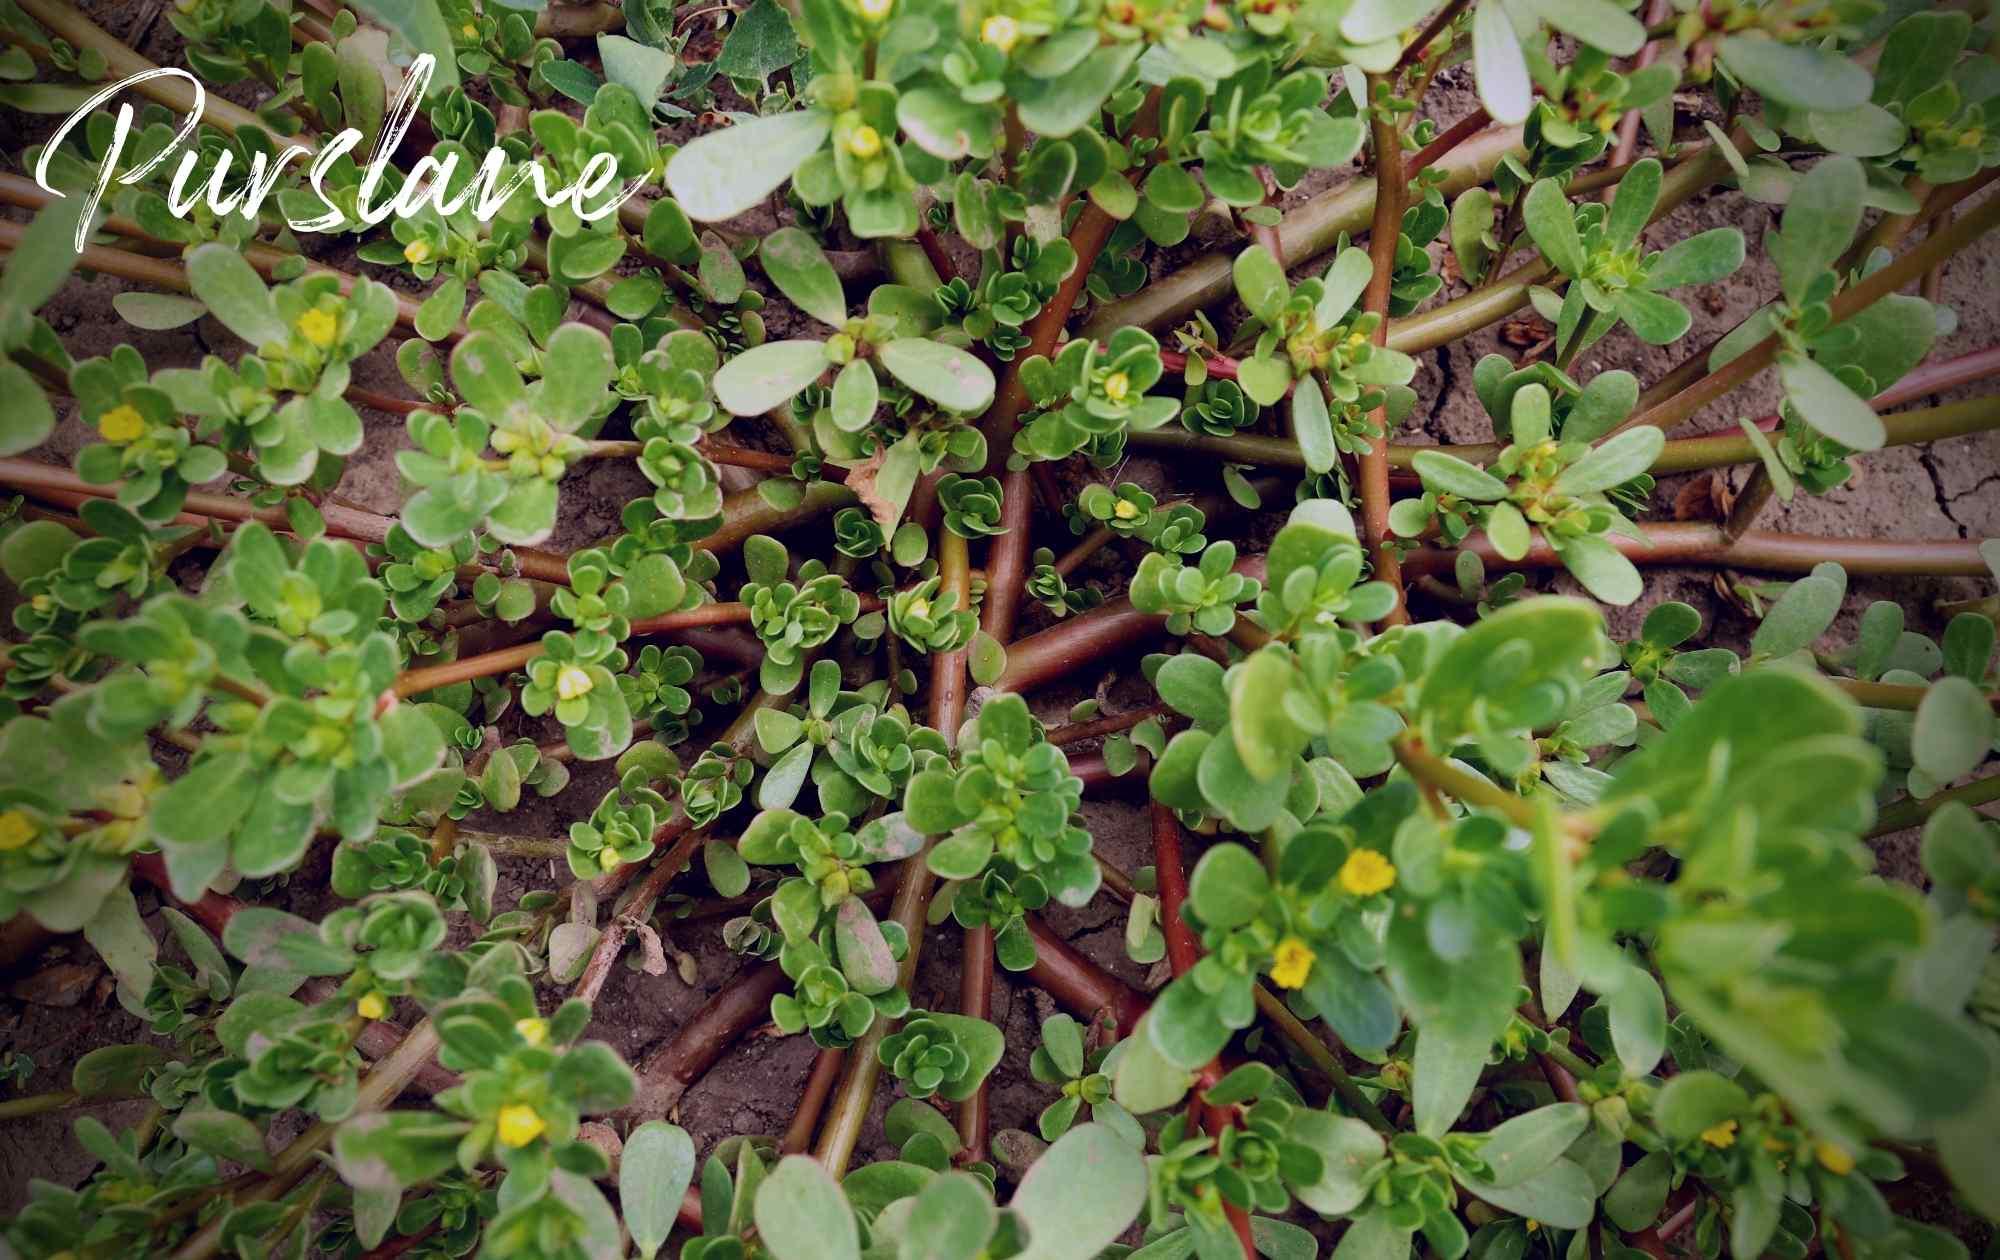 Purslane landscape weed image